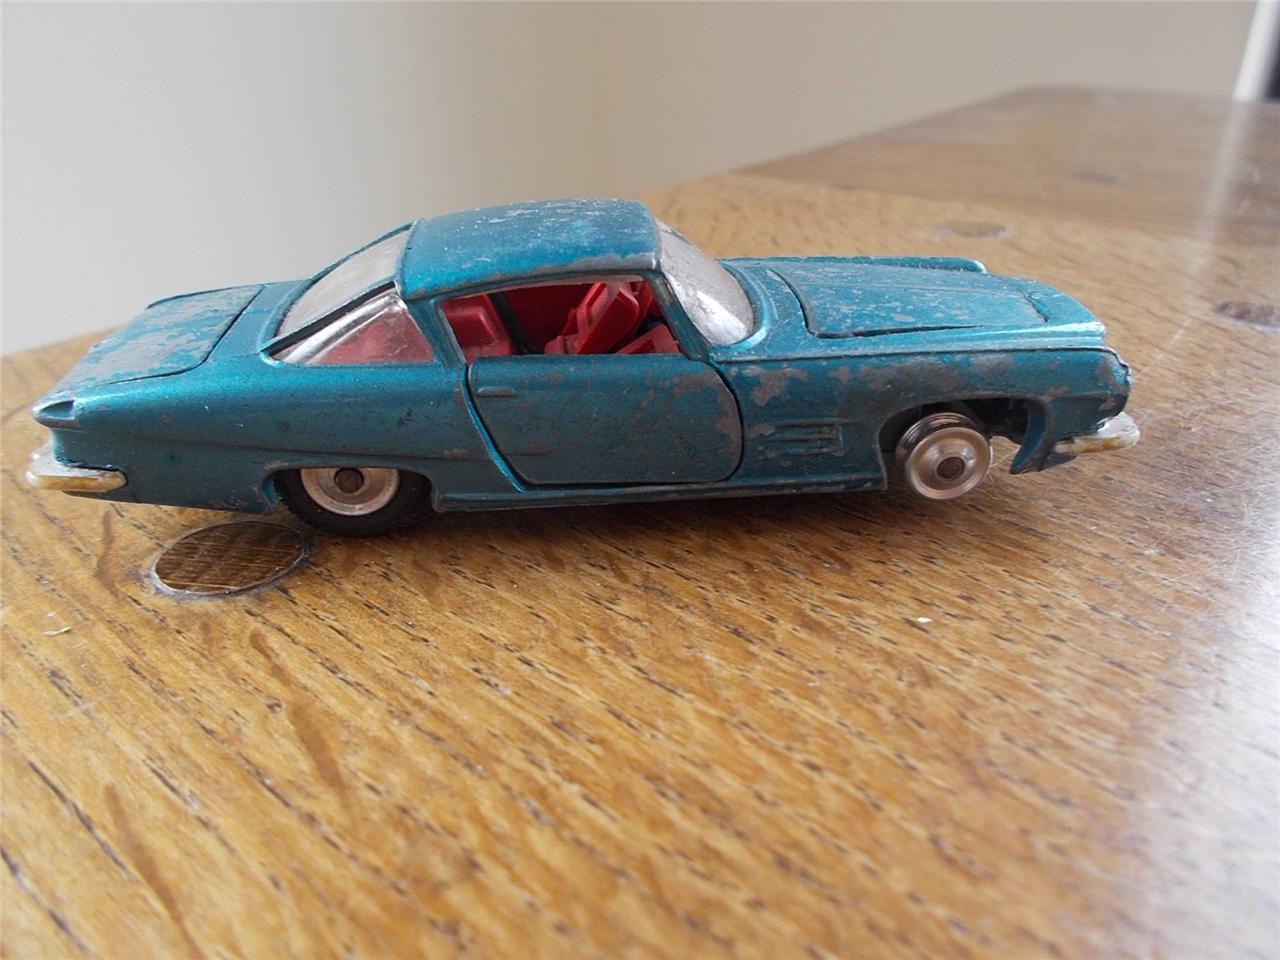 De Colección Corgi Juguetes Ghia L6.4 Chrysler V8 Motor Coche 1963 Diecast Hojalata Hecho en GB